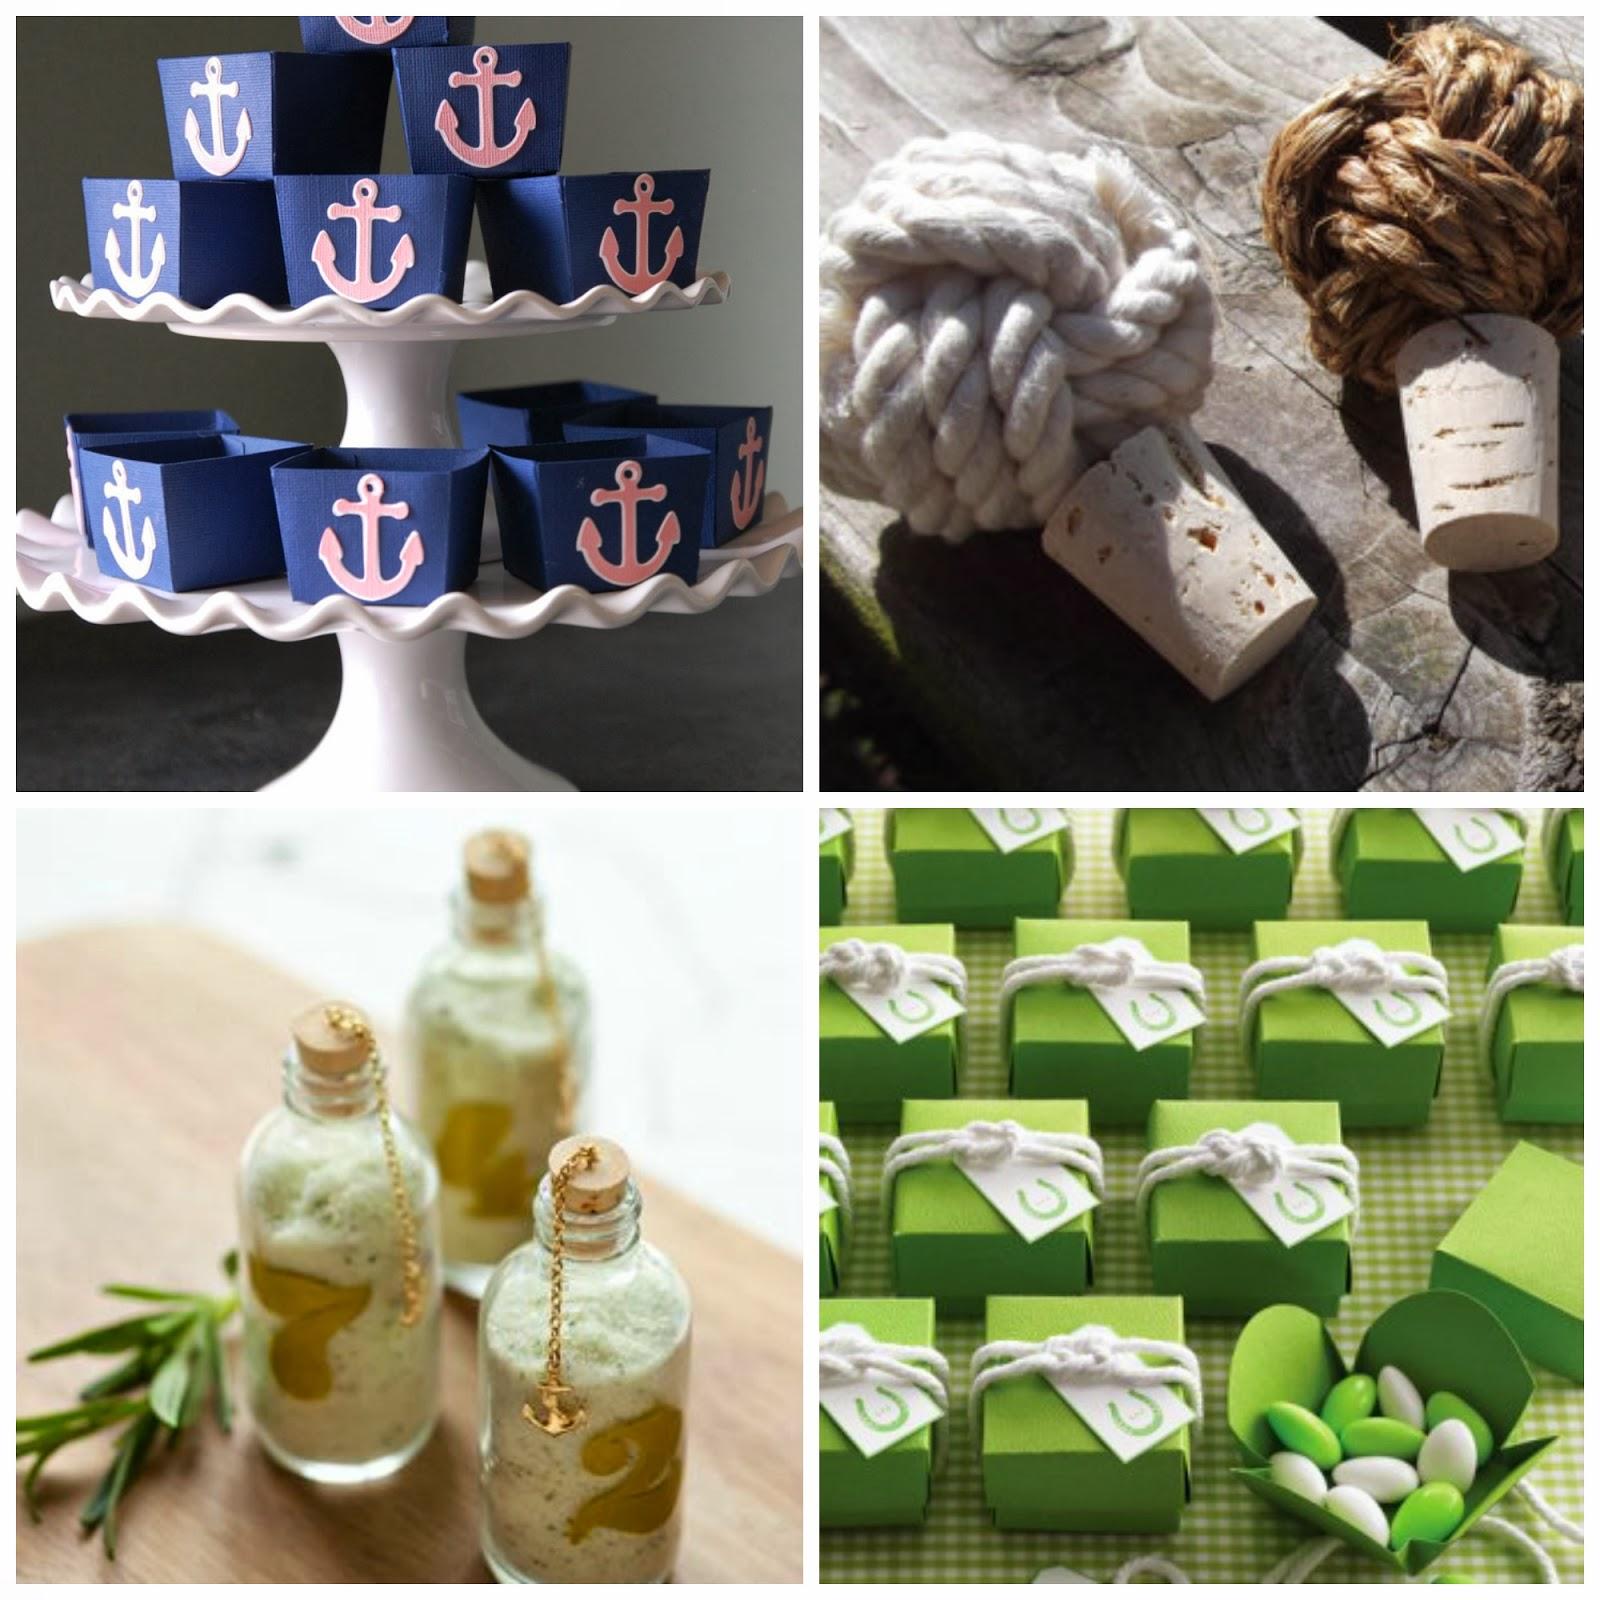 Anchor Wedding Ideas: A Bride's BFF: Nautical Wedding Favor Ideas